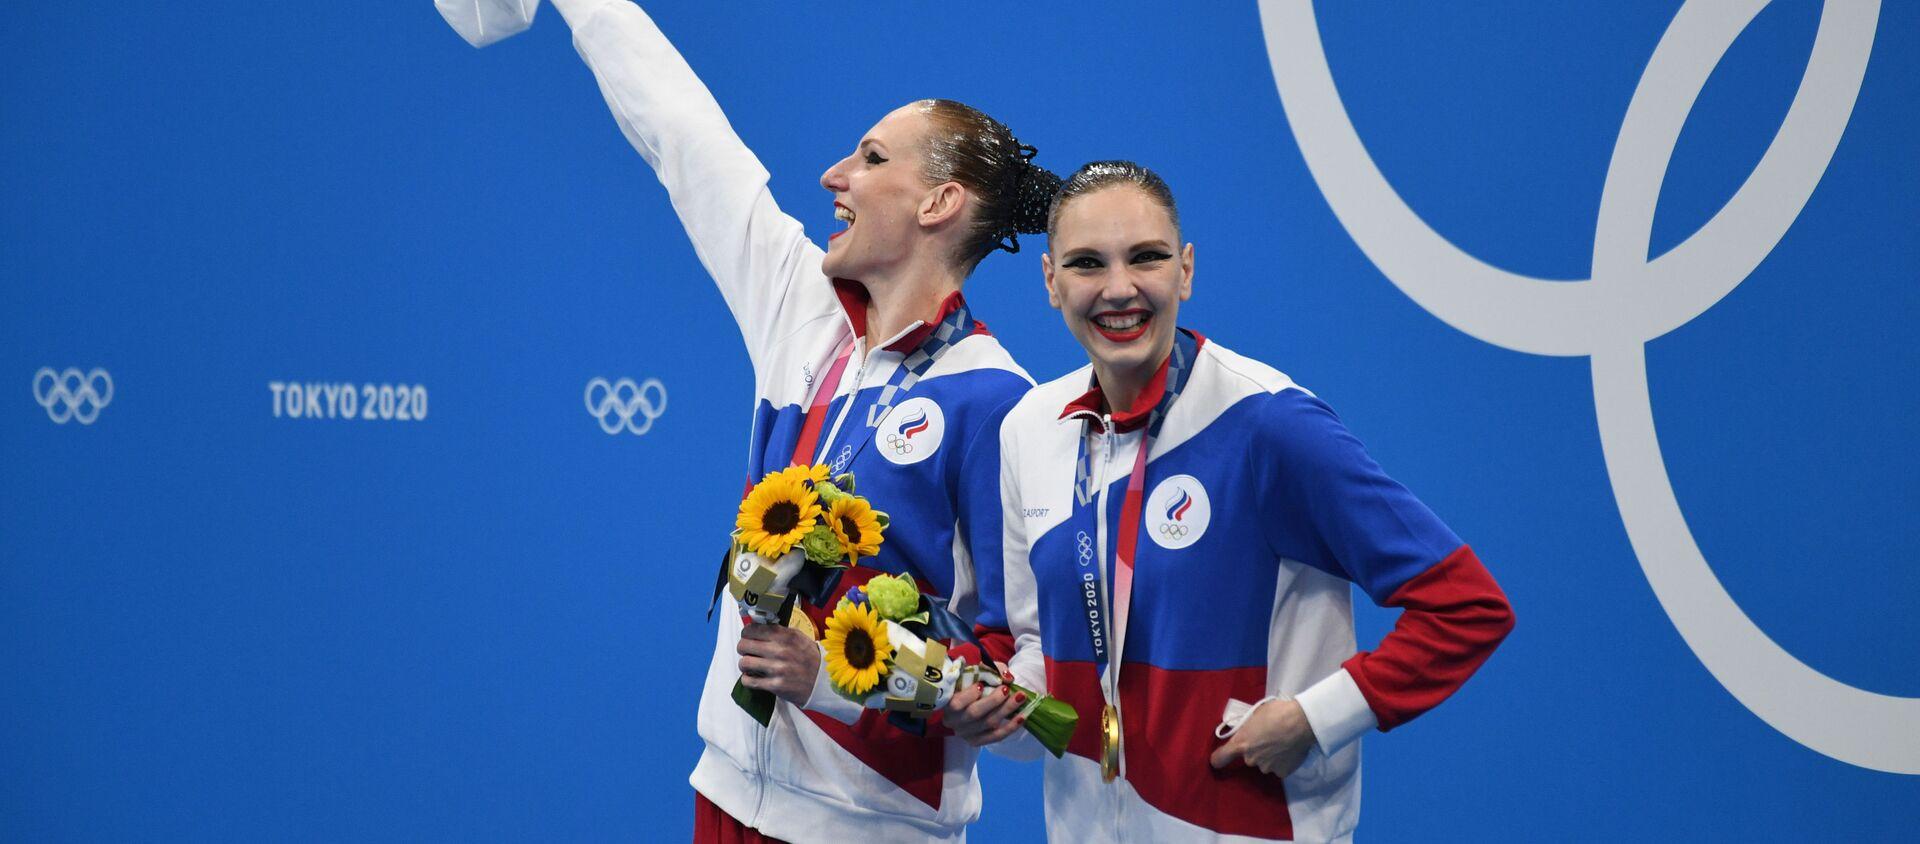 Nữ VĐV bơi nghệ thuật Svetlana Romashina và Sveltana Kolesnichenko giành huy chương vàng tại Olympic Tokyo - Sputnik Việt Nam, 1920, 07.08.2021